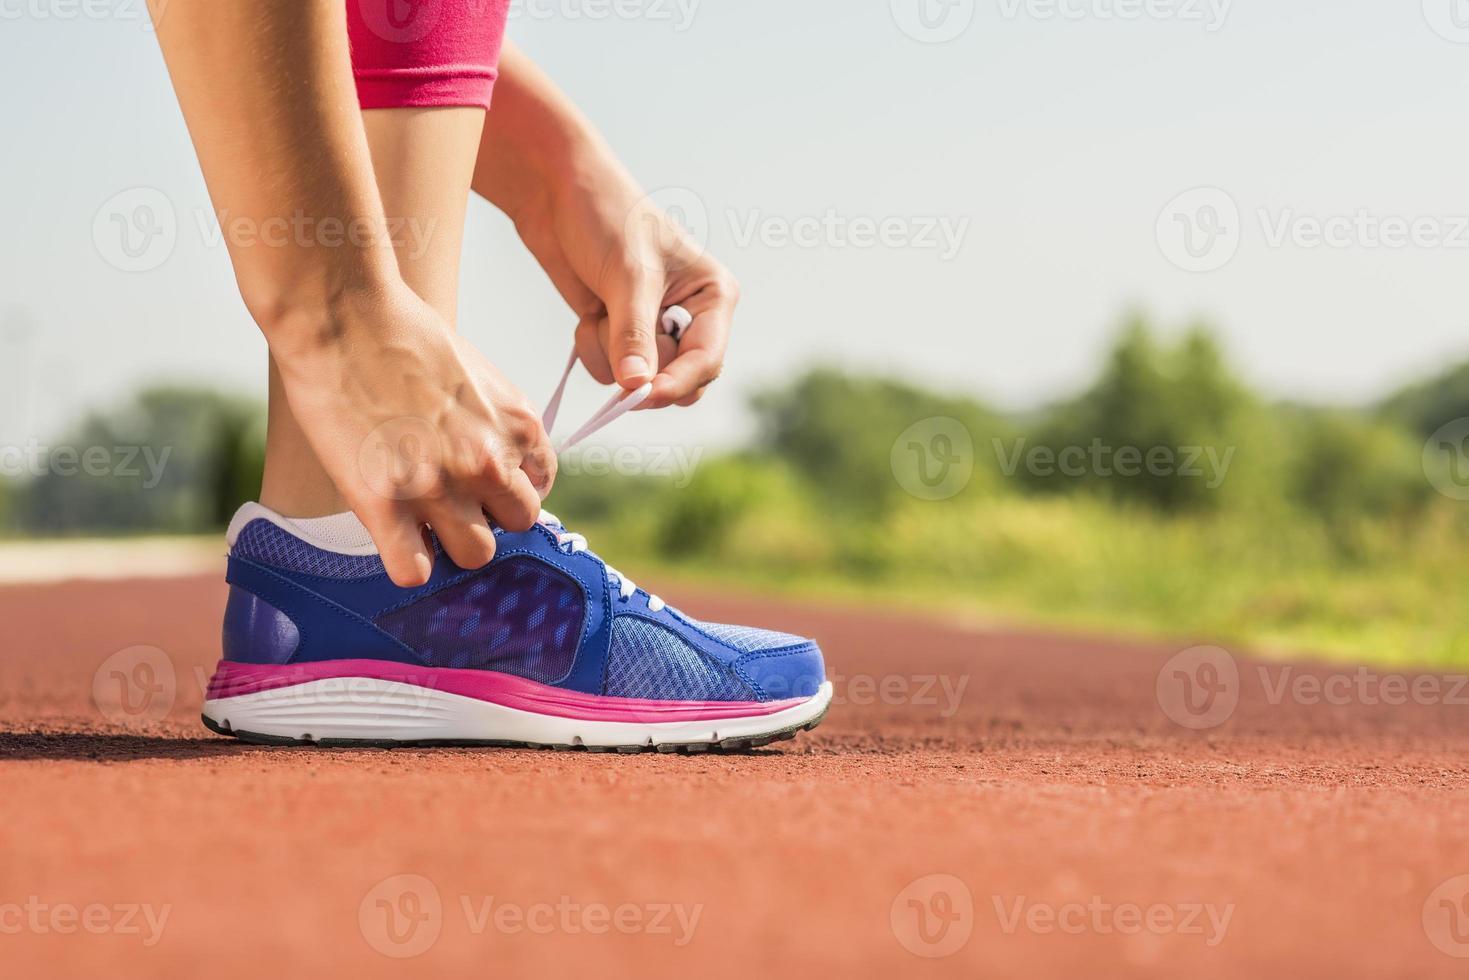 primer plano de una mujer atando los cordones de sus zapatillas foto